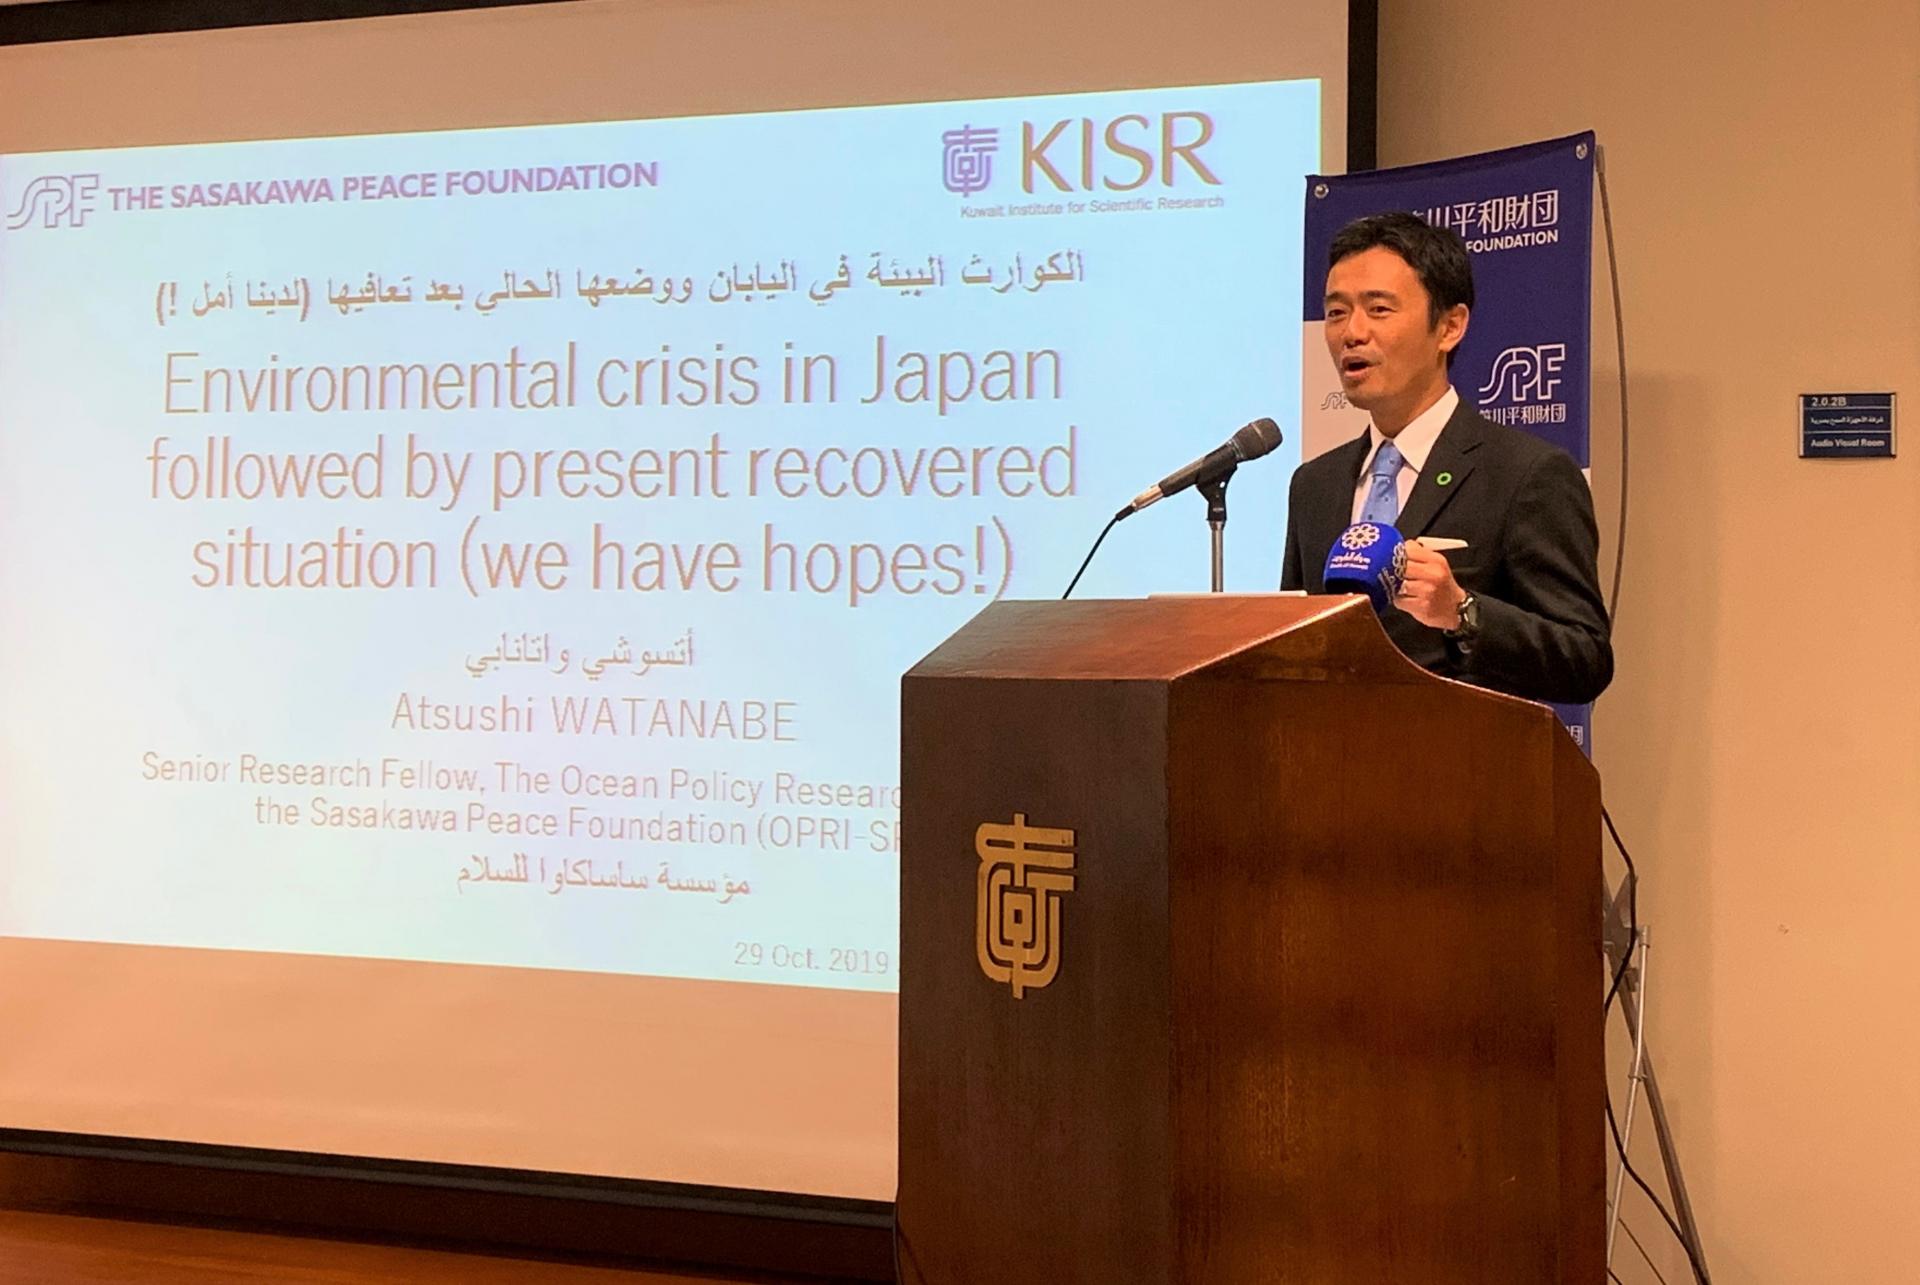 (キャプション)ブルーエコノミーへの関心が高まりつつあるクウェートで講演